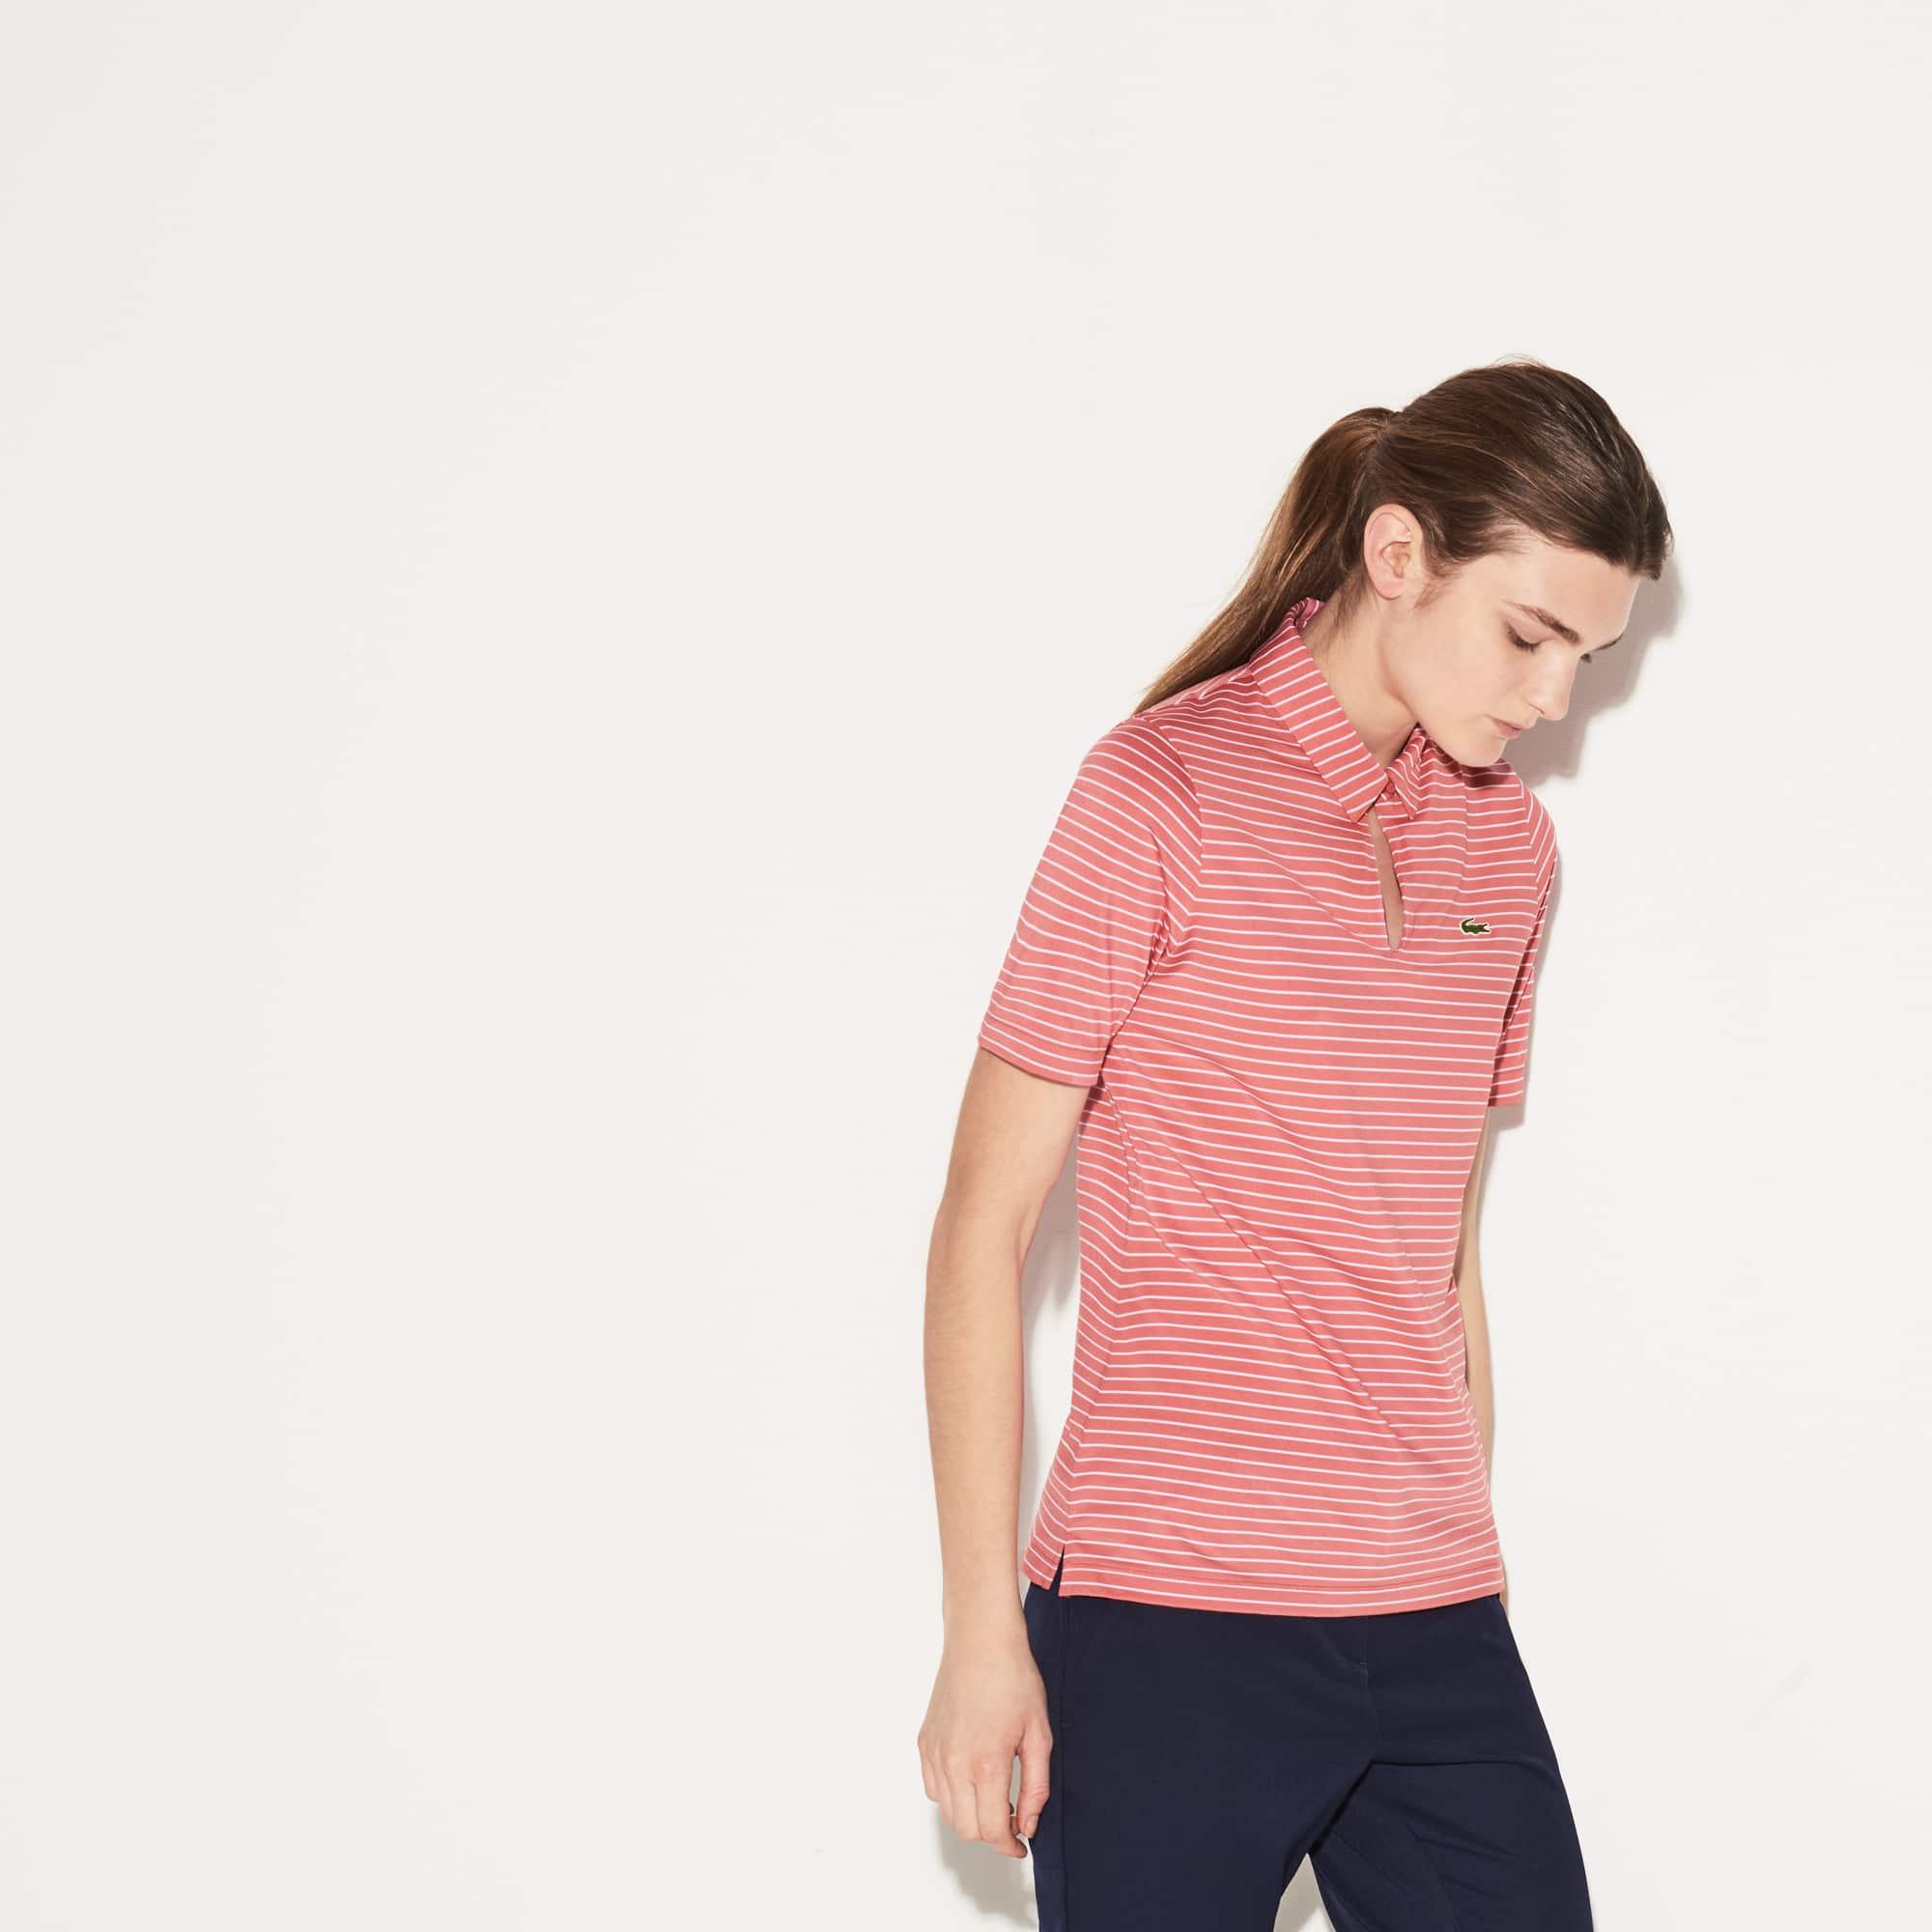 Women's Lacoste SPORT Teardrop Neck Striped Jersey Golf Polo